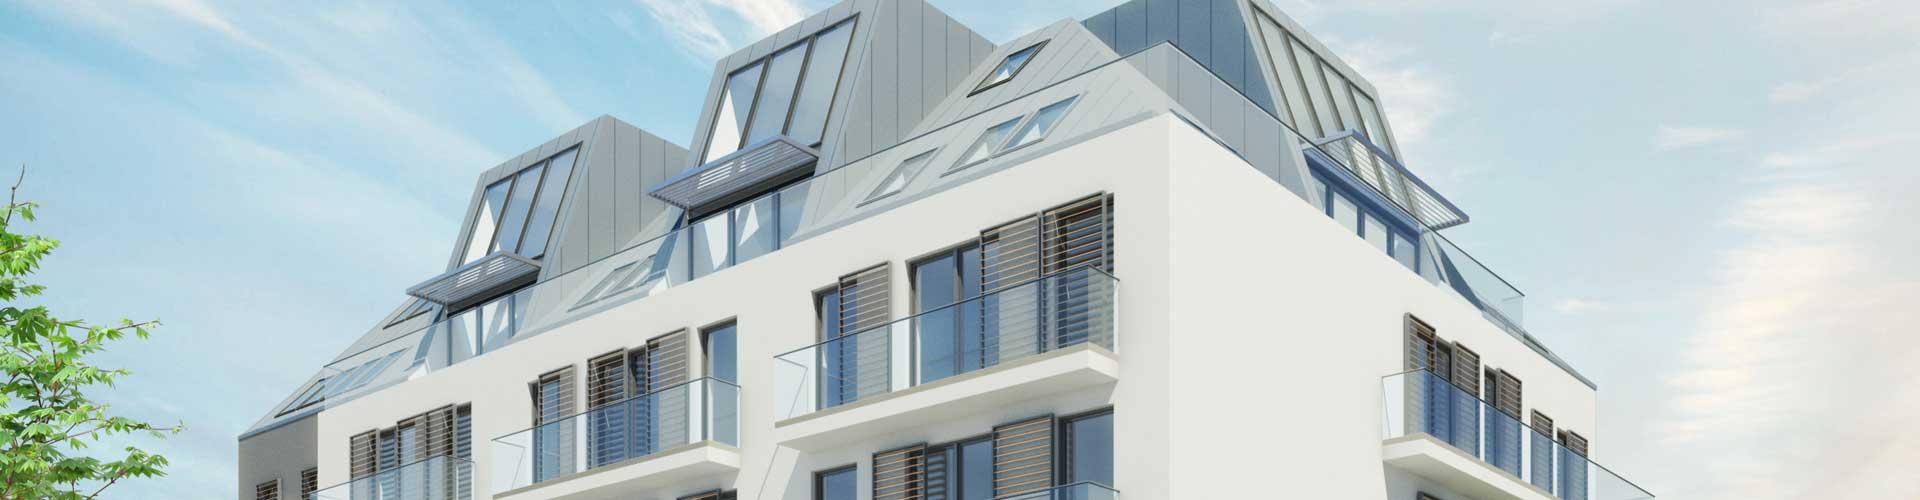 Wohnhaus Erzherzog Karl Straße 221, 1120 Wien